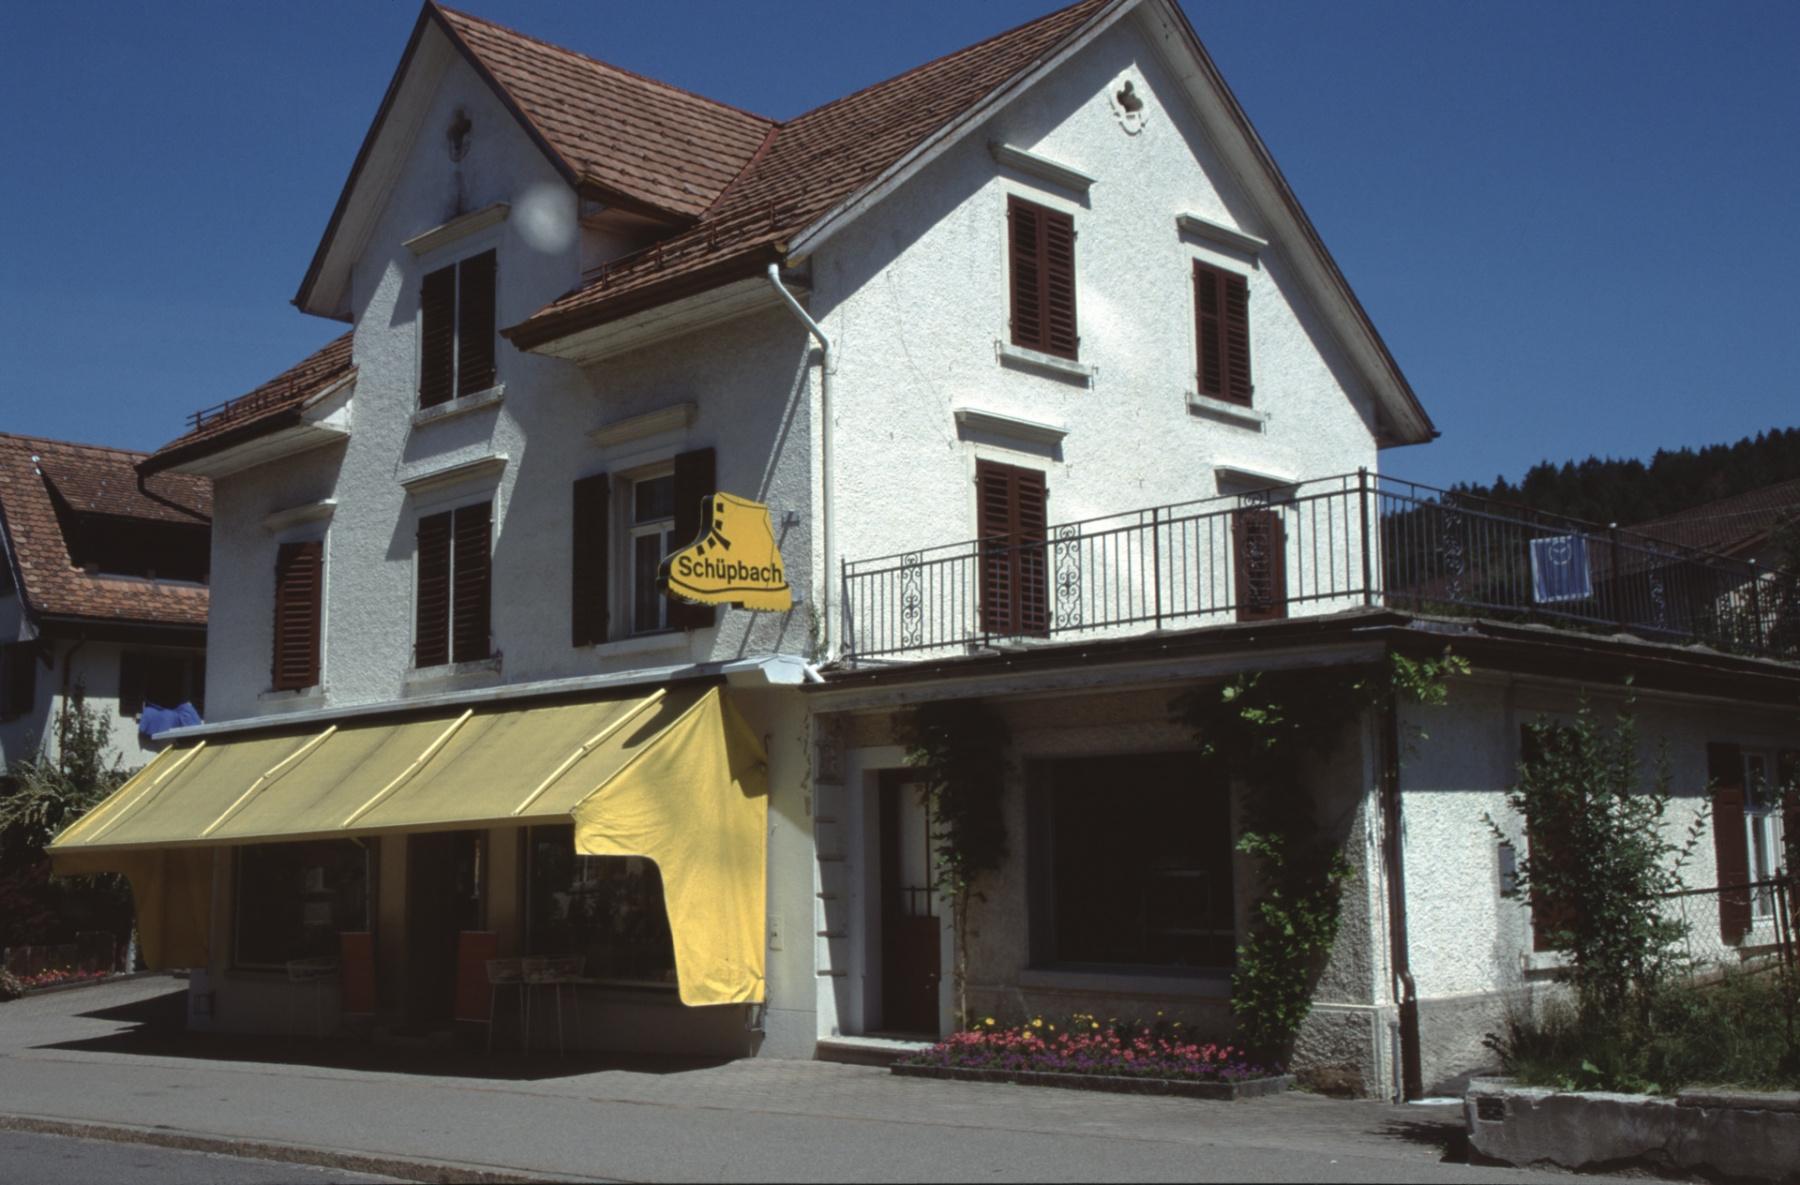 Bahnhofstr.8d, Schuhhaus Egli -> Schüpbach-Egli 1903-2003, 2006 abgebrochen zwecks Zufahrt in U-Garage.